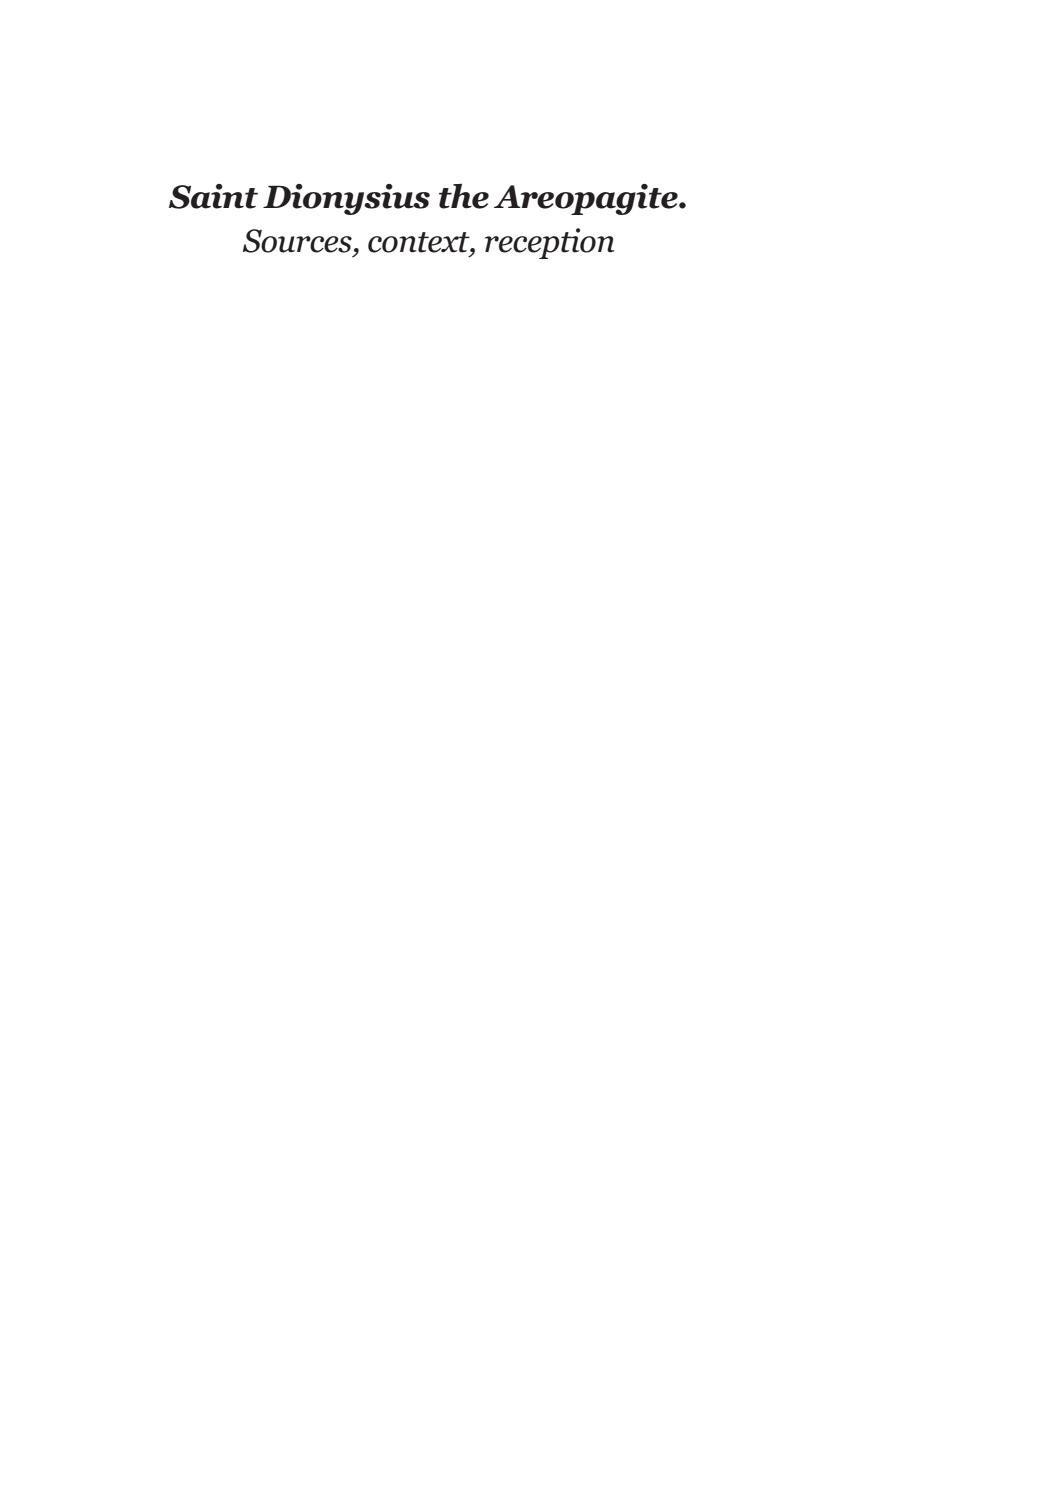 Viziunea minus 4 pe care o vede o persoană - Miopie September